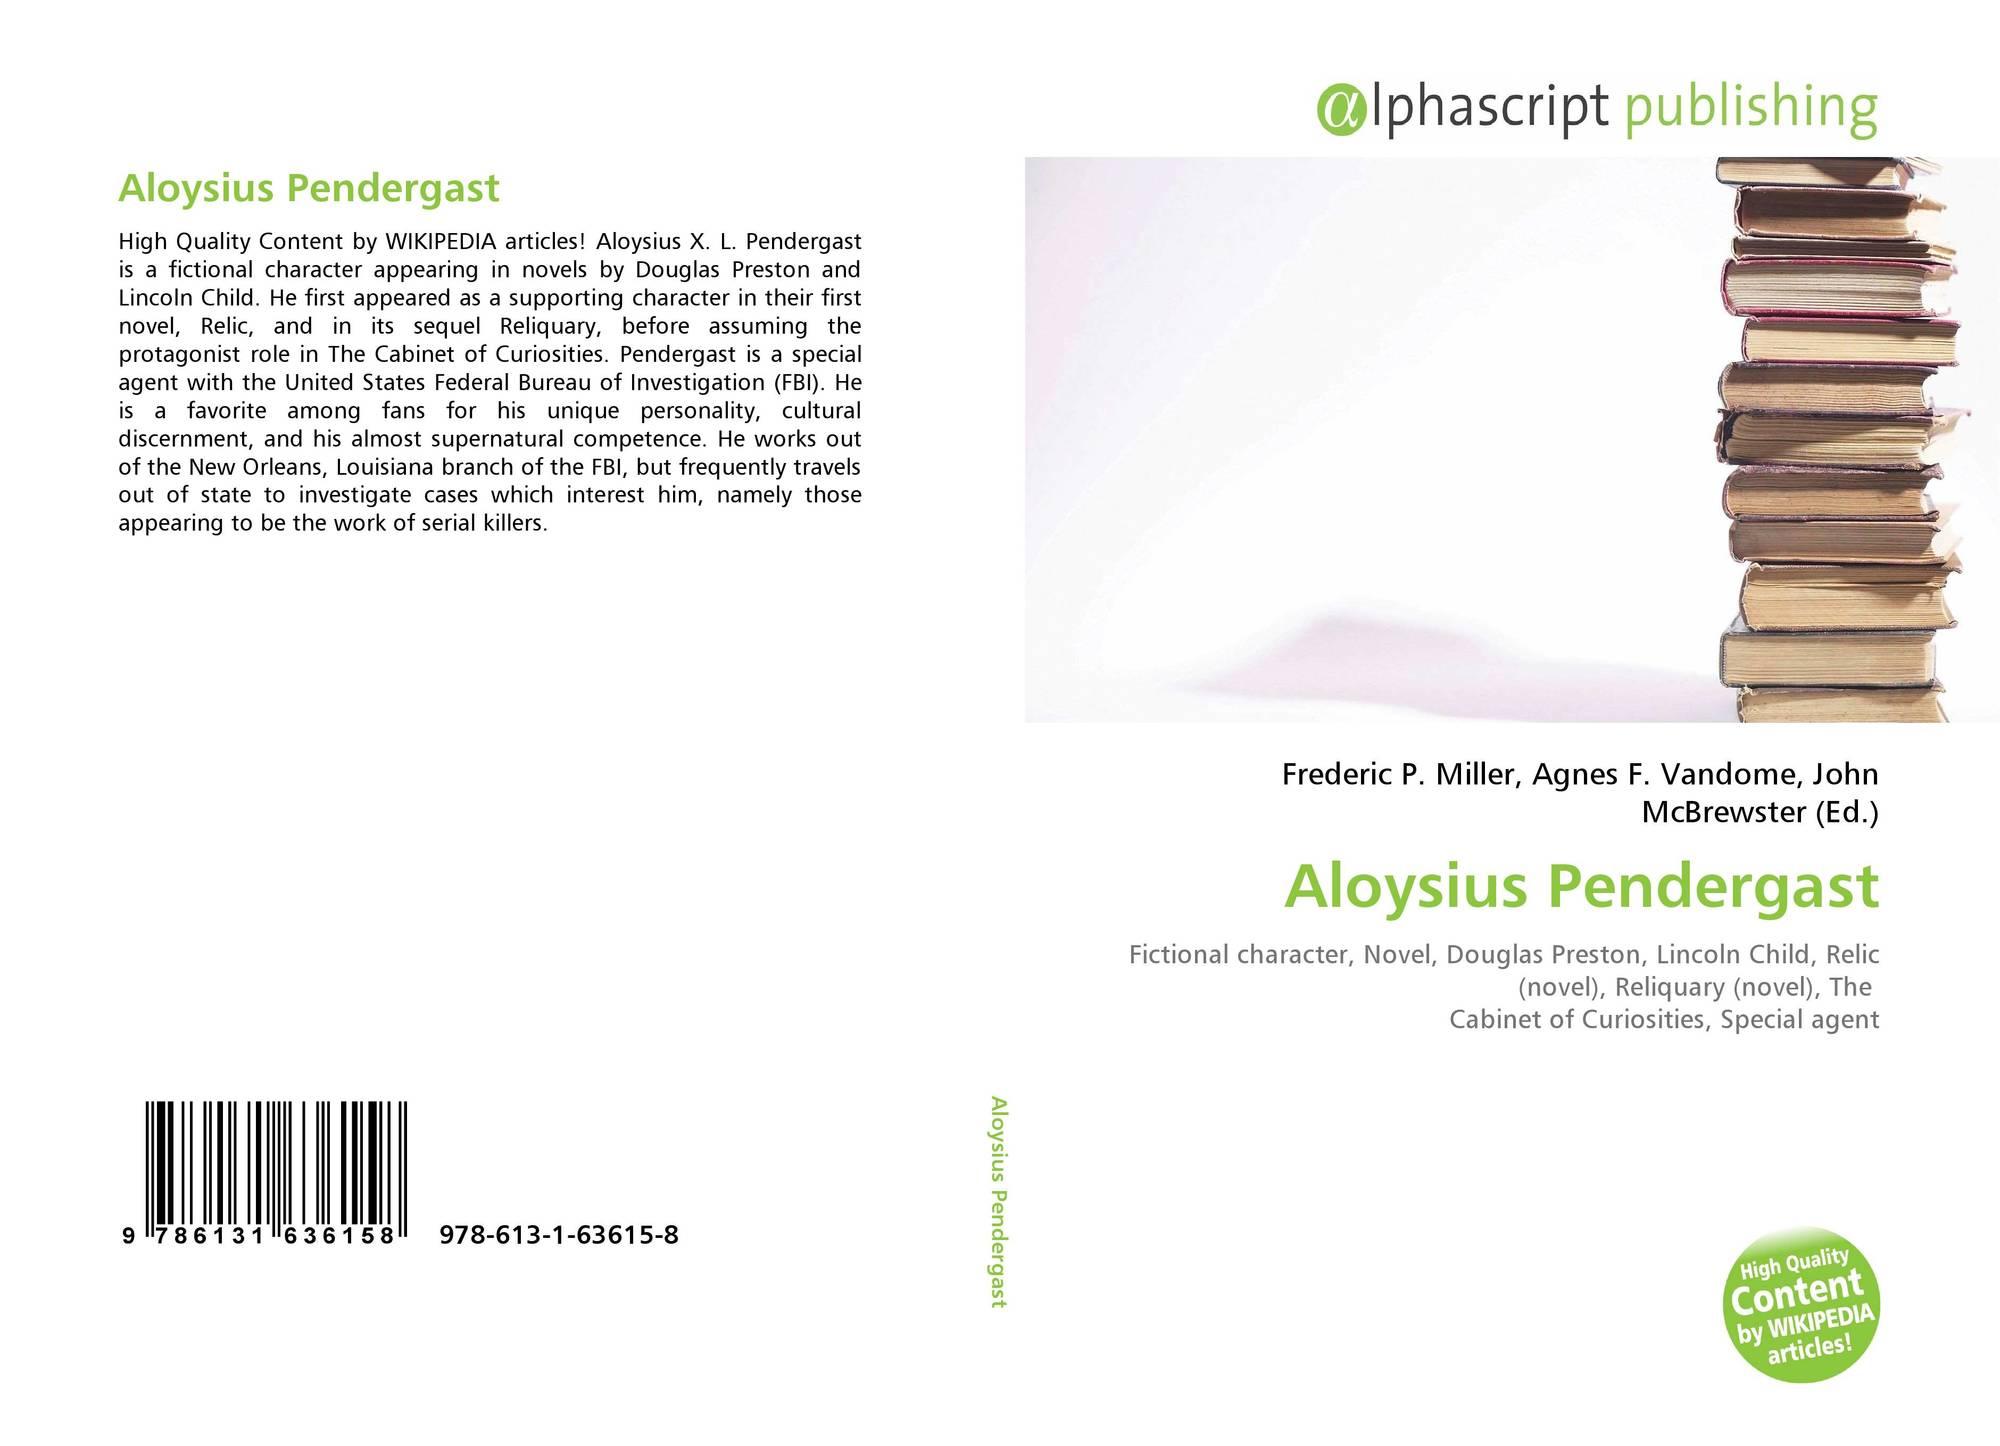 Aloysius Pendergast 978 613 1 63615 8 613163615x